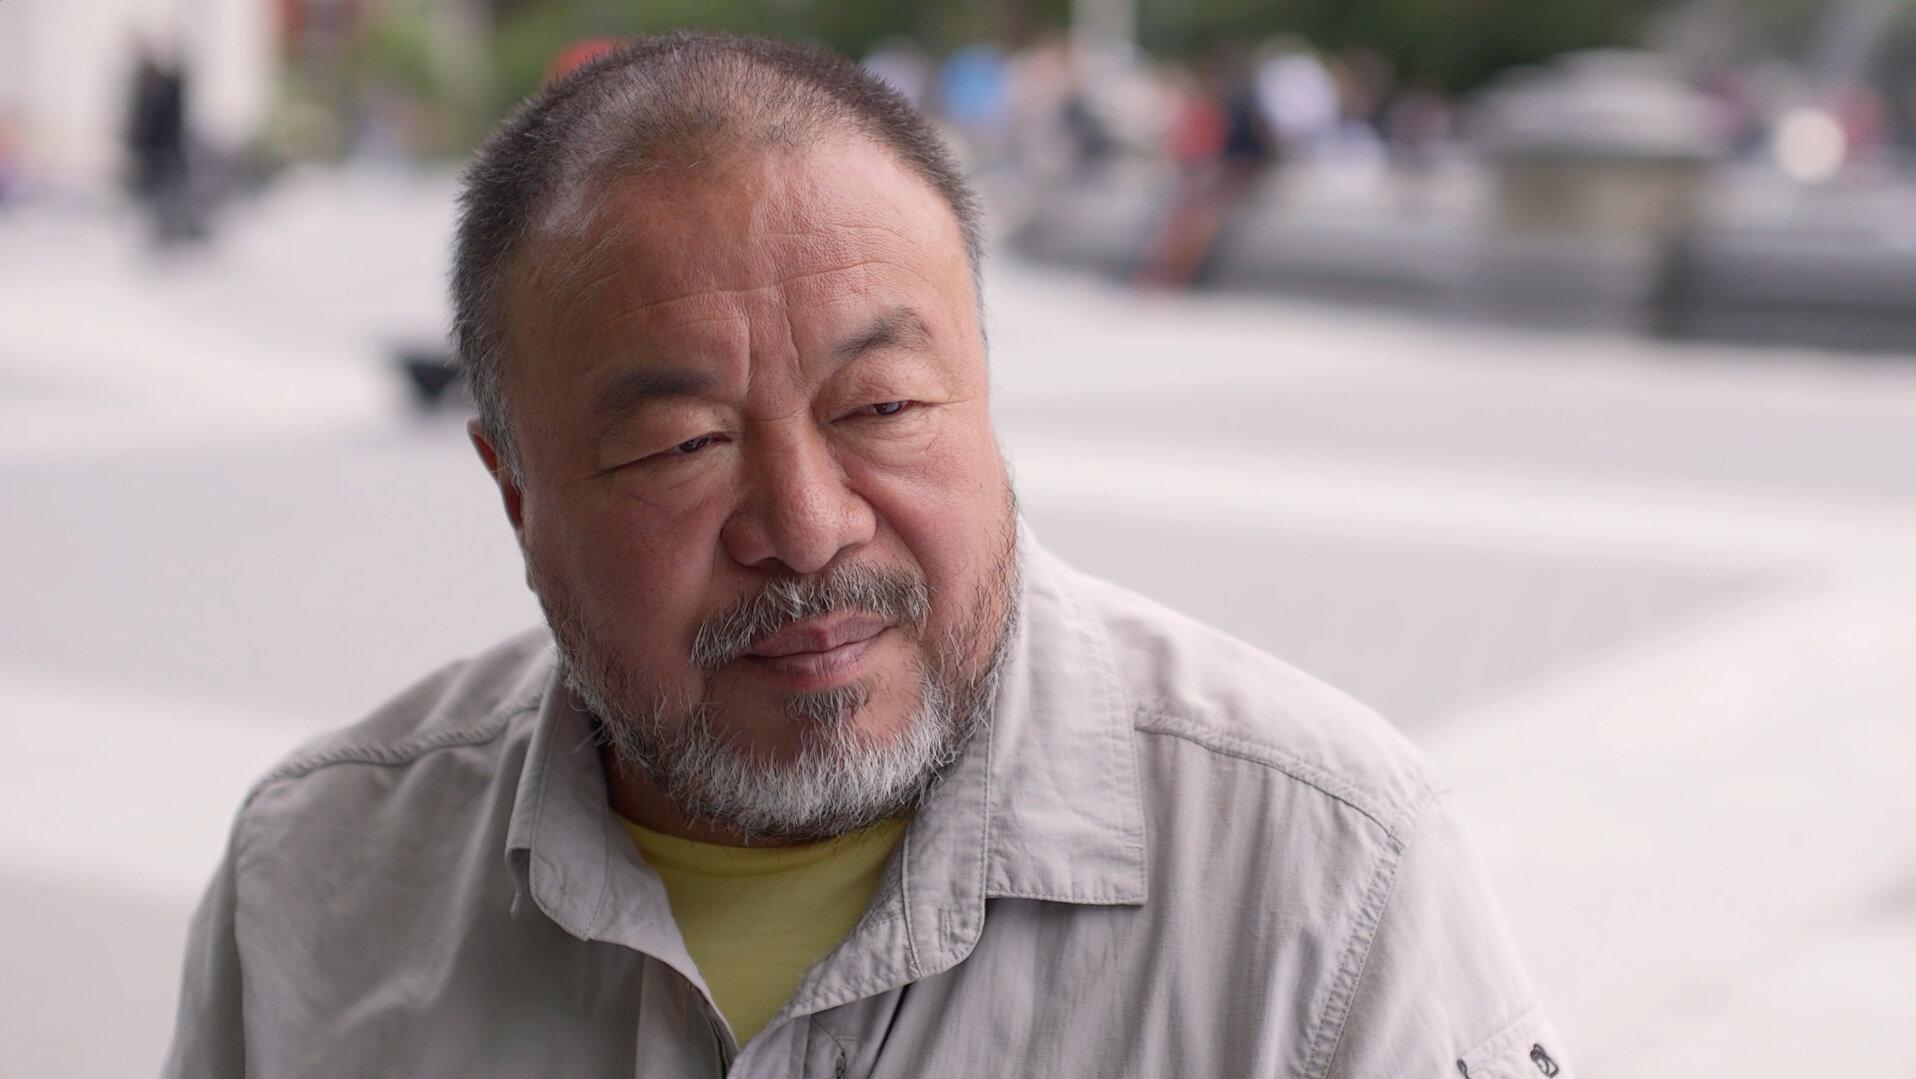 Ai_Weiwei_portrait.jpg